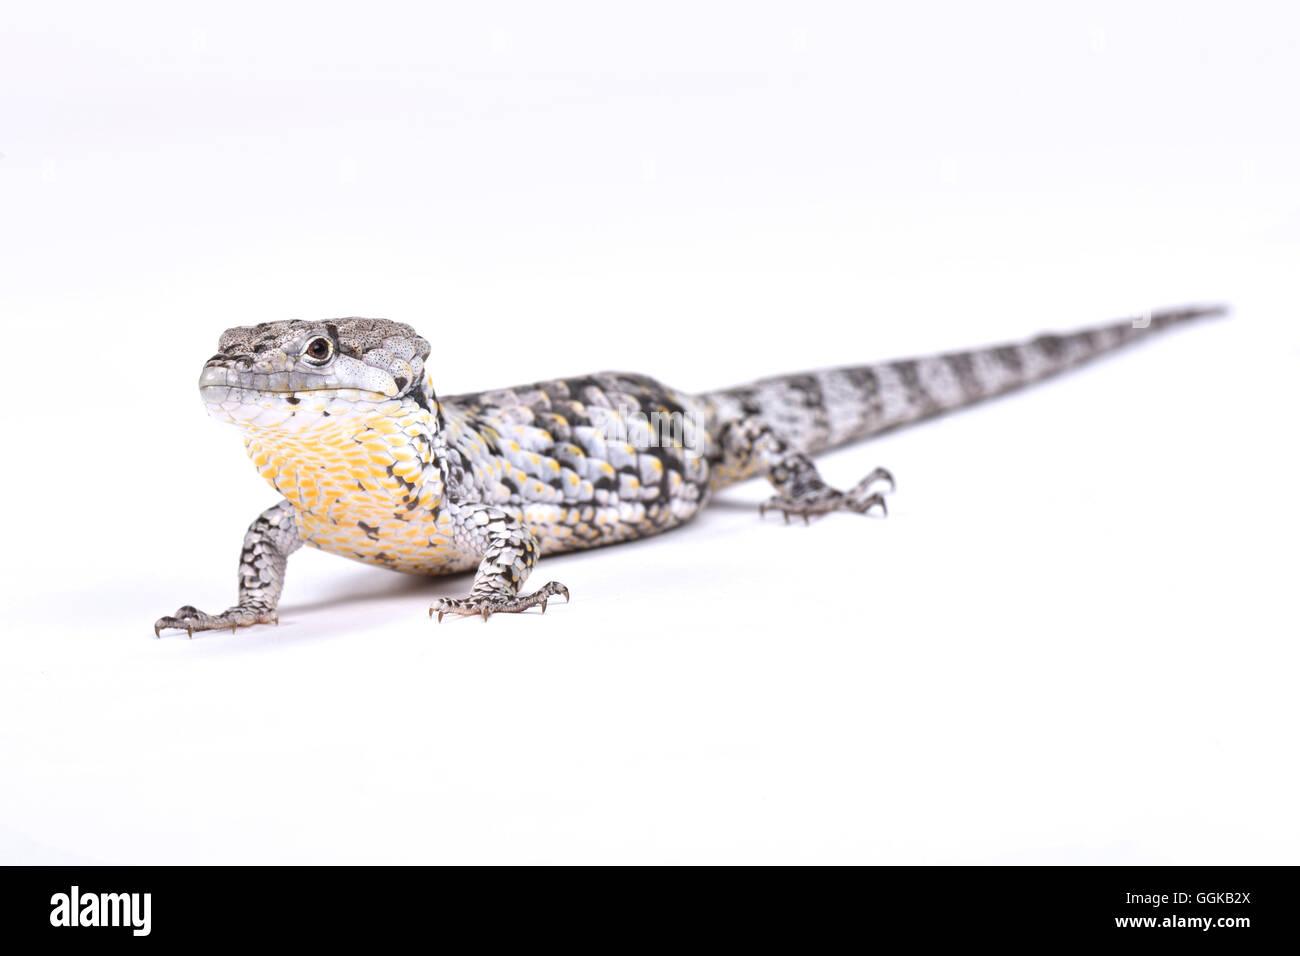 Deppe's Arboreal Alligator  (Abronia deppii) Stock Photo